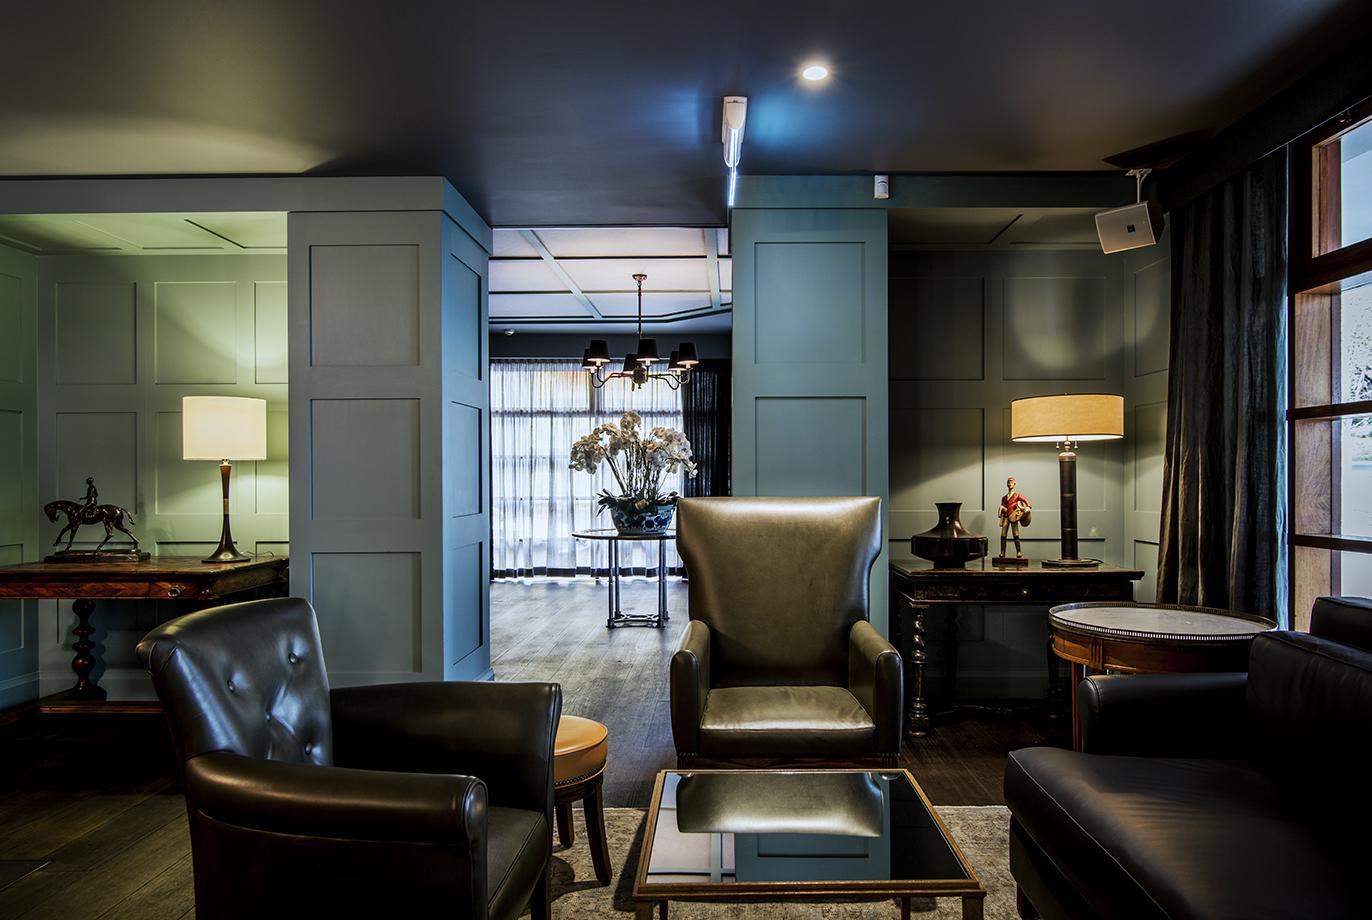 Hotel Centennial, Luchetti Krelle